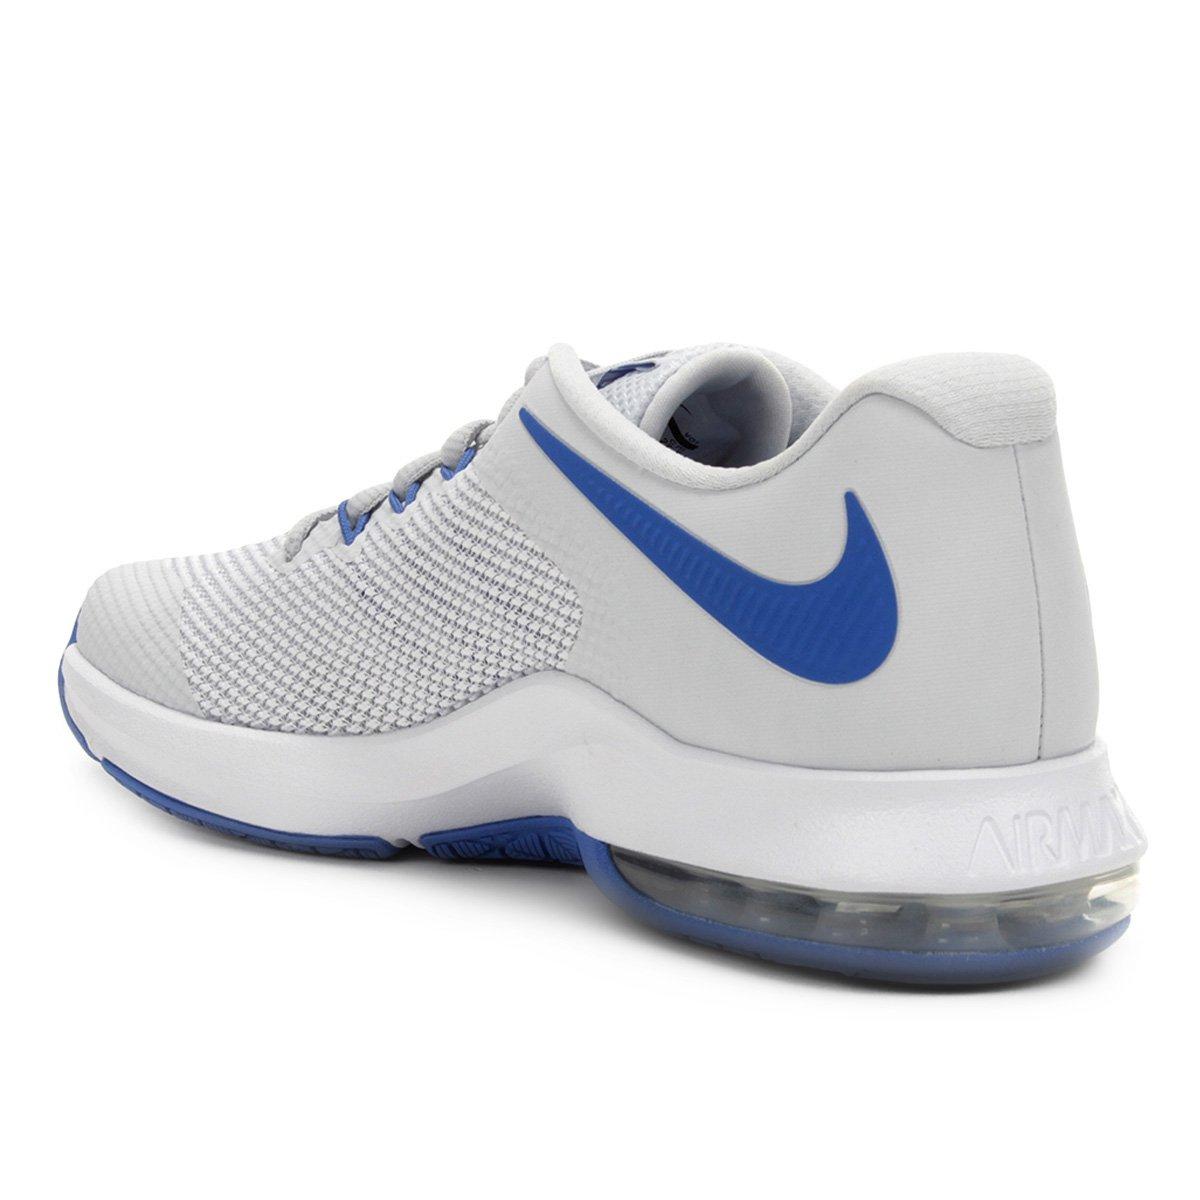 7ac20a02b0a Tênis Nike Air Max Alpha Trainer Masculino Compre Agora Shop Timão Timão  Shop 848212